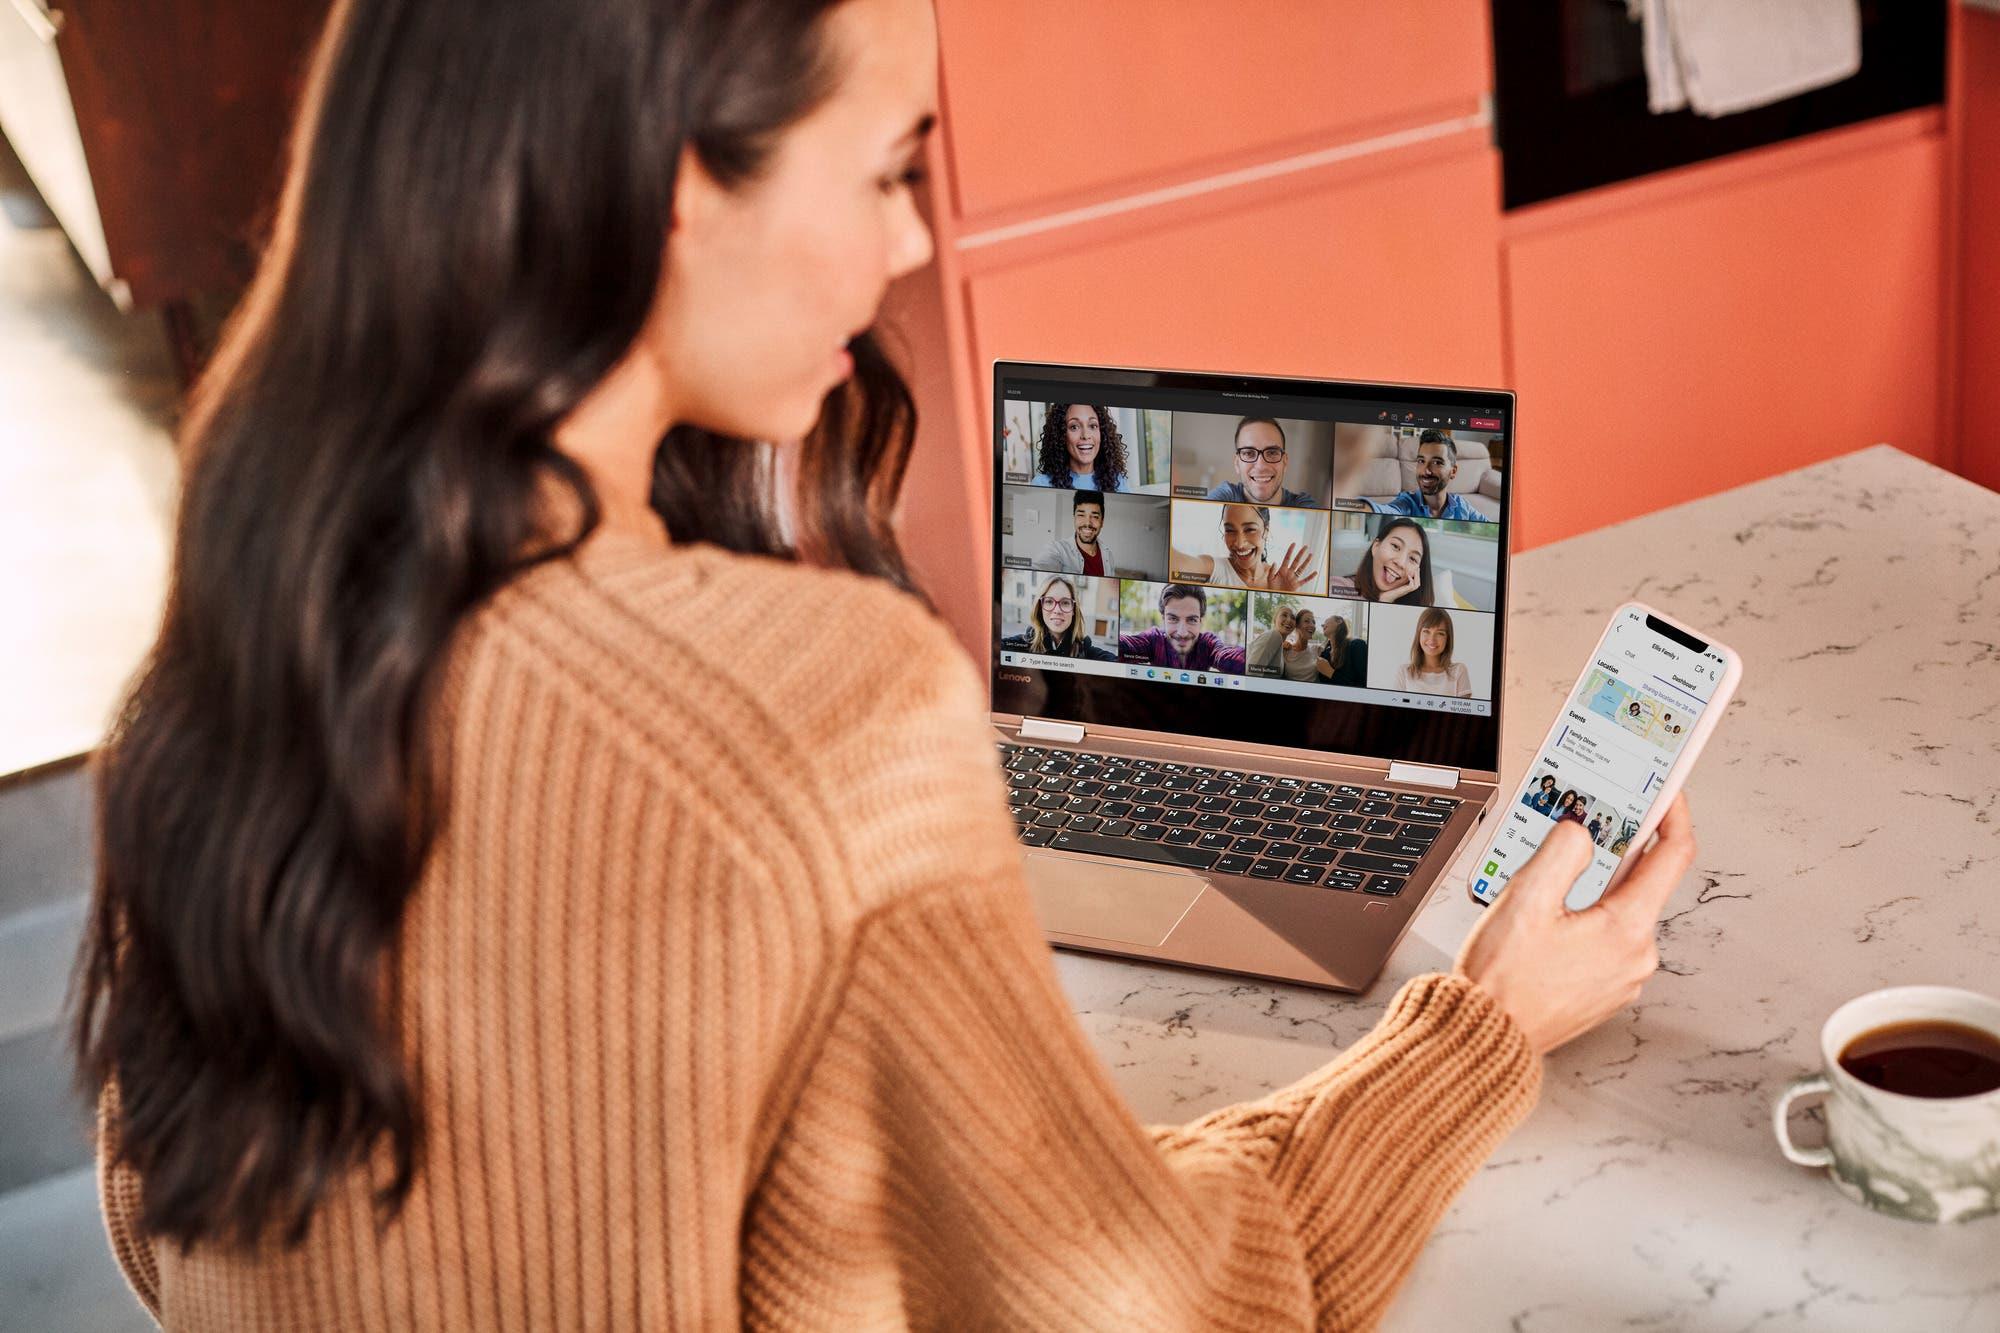 Microsoft Teams permite crear chats grupales de hasta 250 personas y videollamadas gratuitas durante todo el día